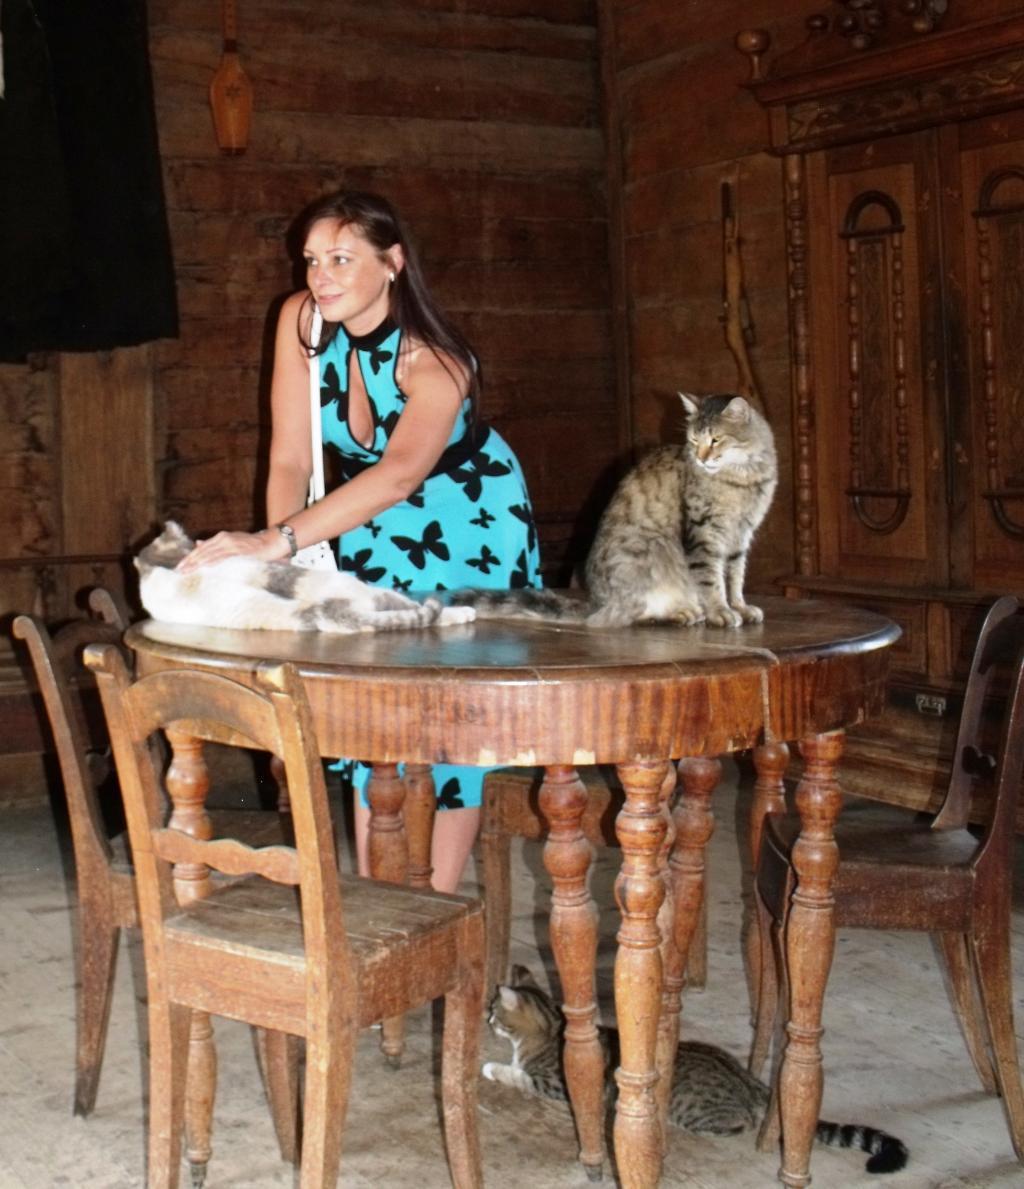 Этнографический музей.Тбилиси. (22 сентября 2010)